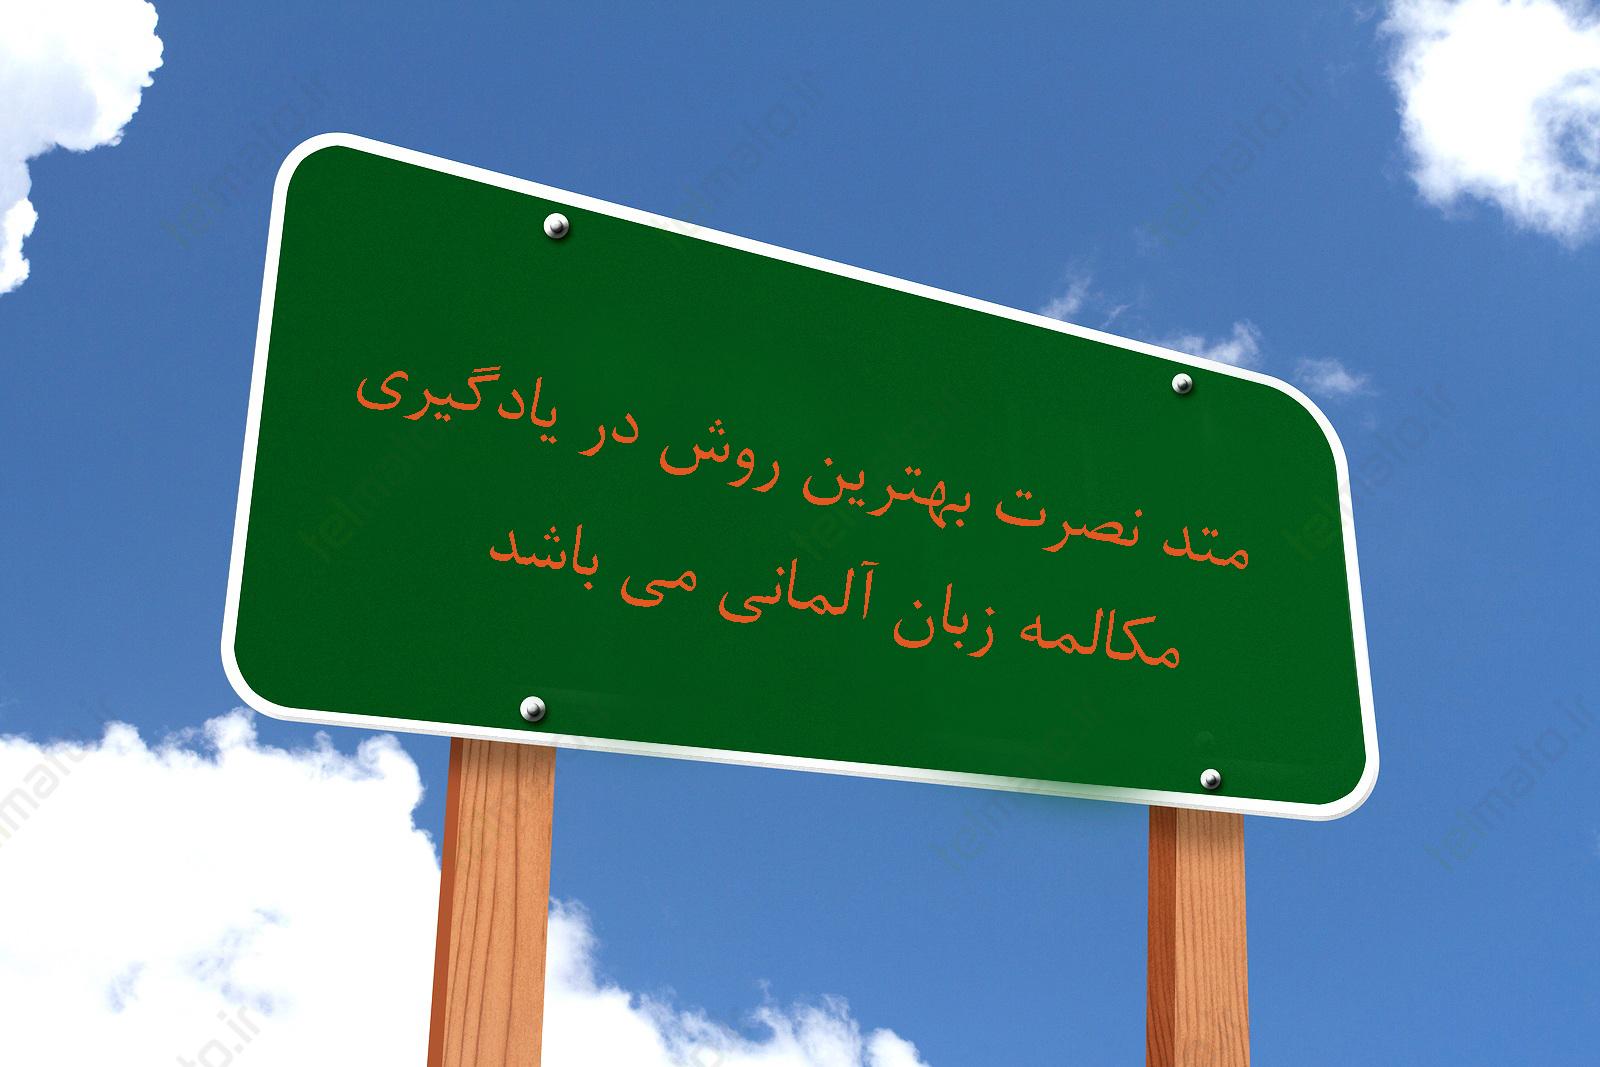 دانلود رایگان آموزش صوتی مکالمه زبان آلمانی به فارسی با متد نصرت با تلفظ دقیق کلمات + کتاب pdf